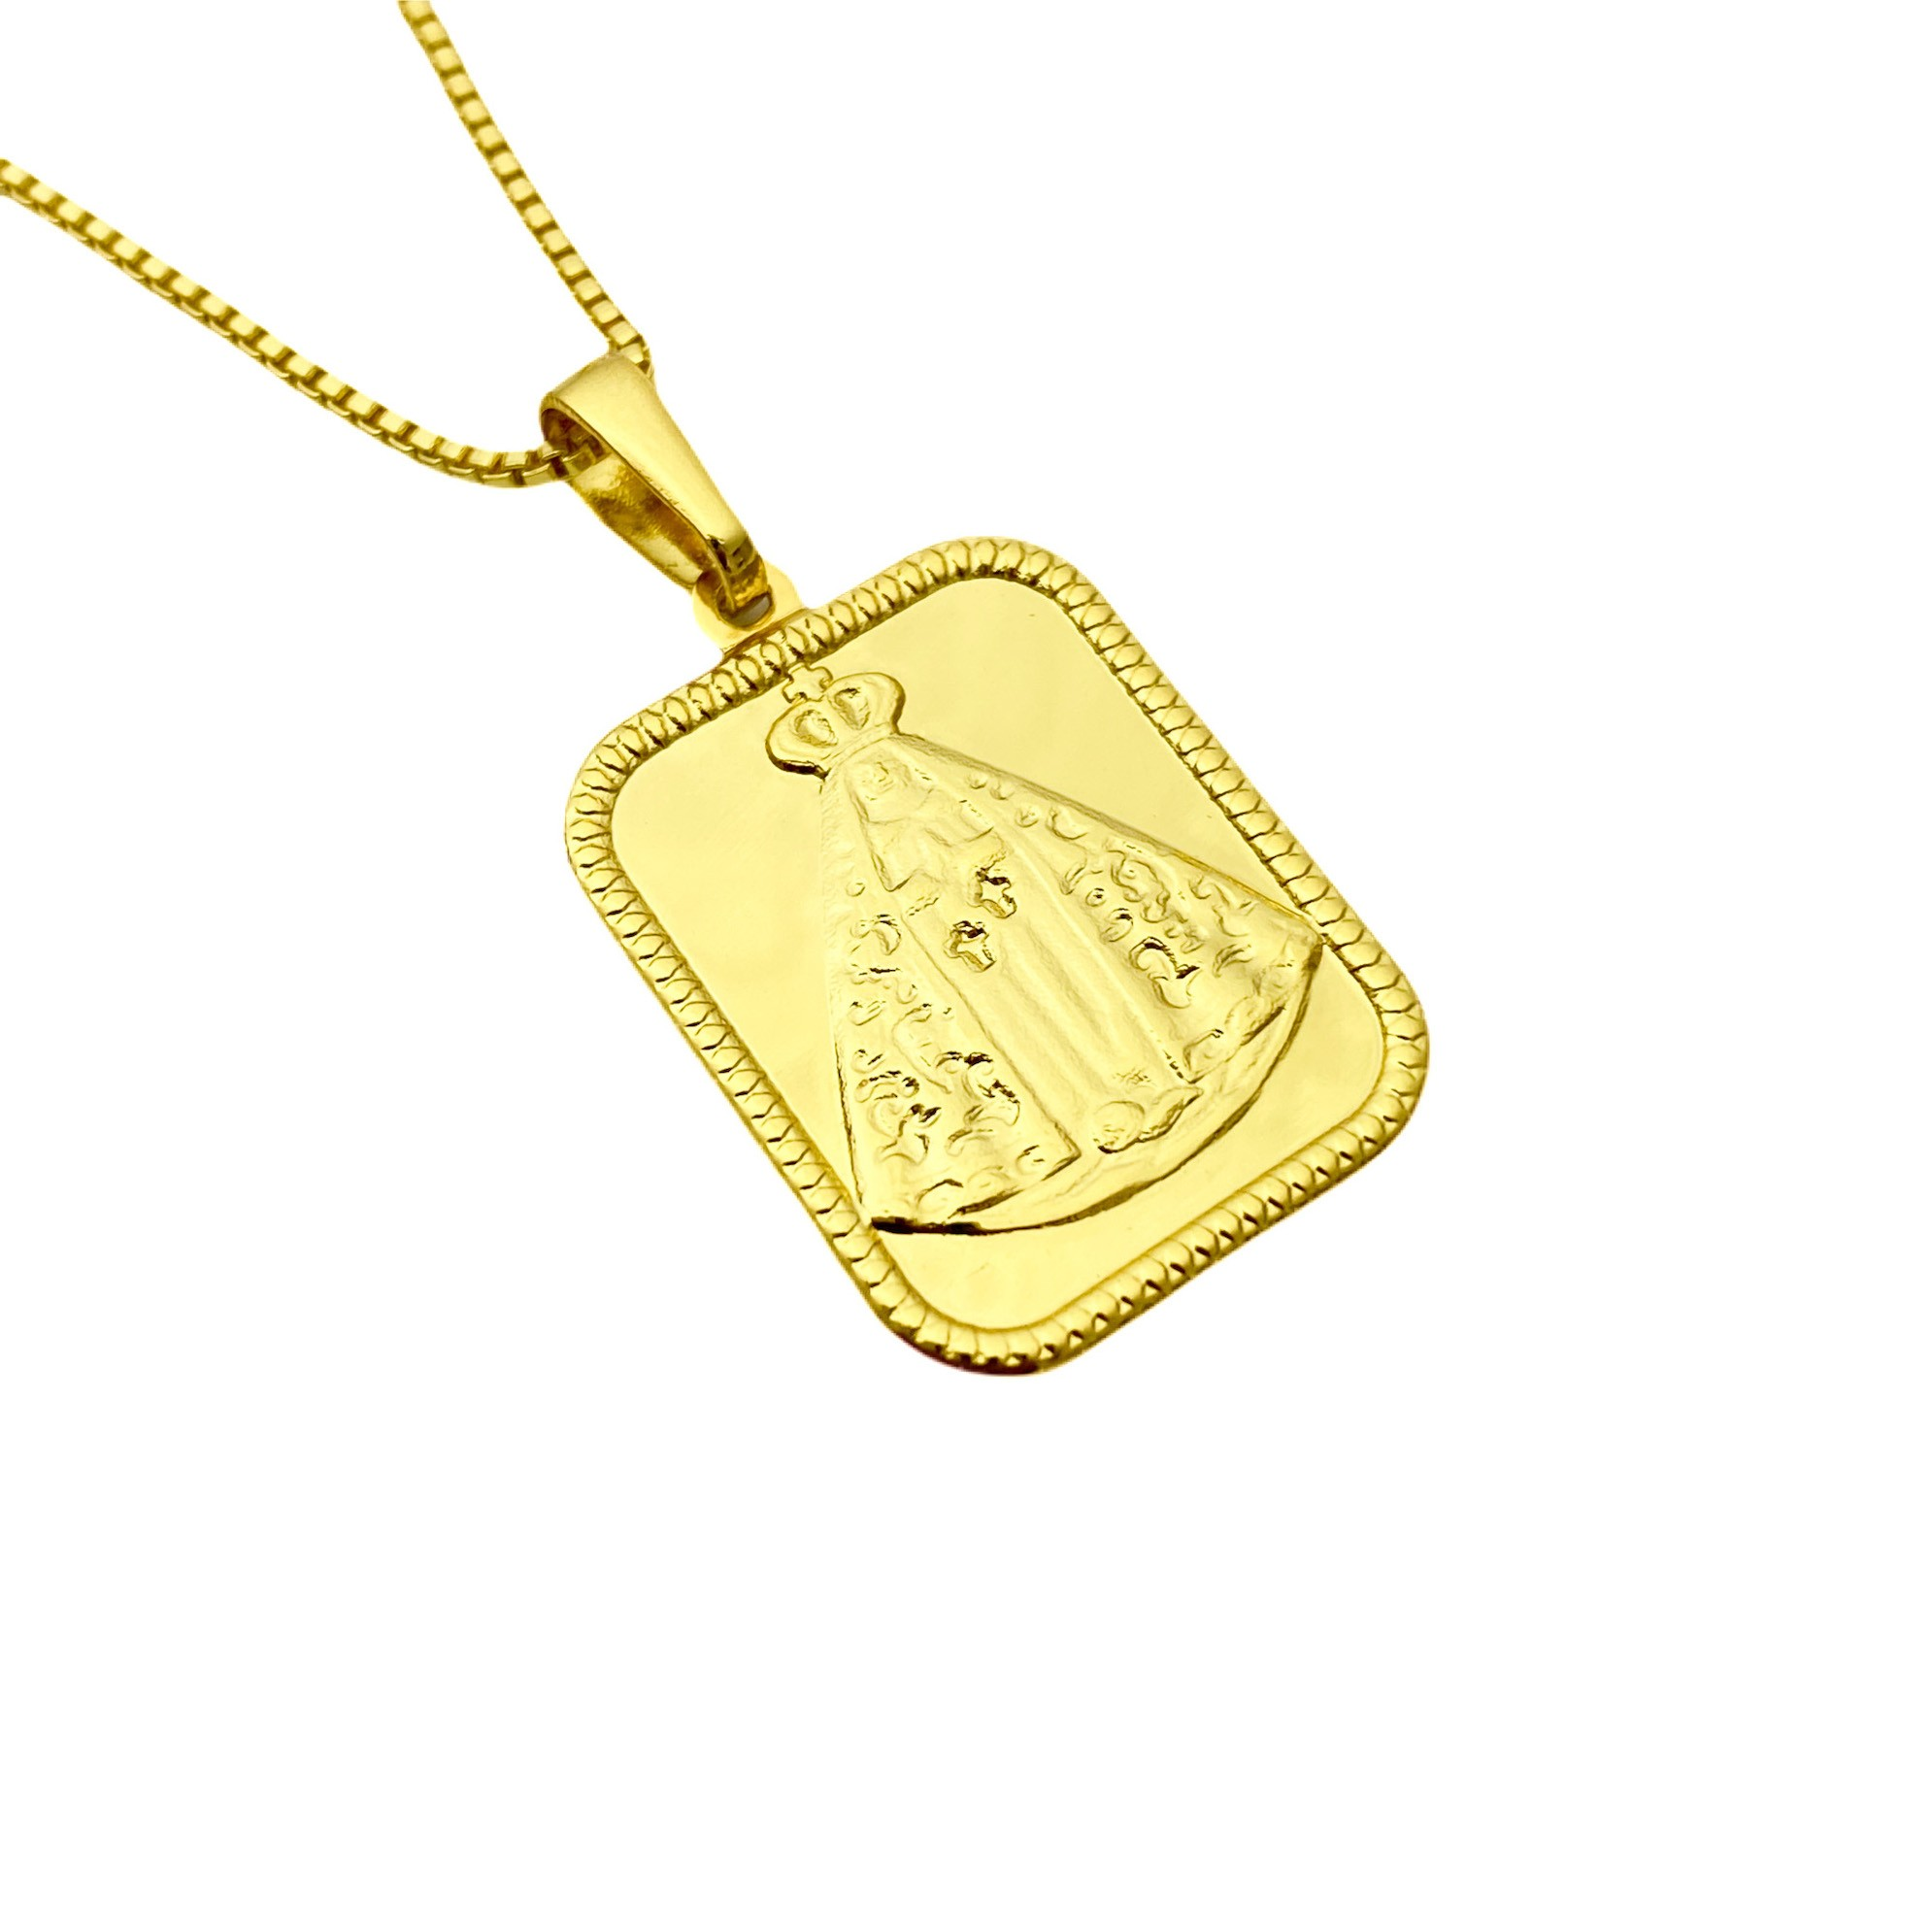 Pingente Placa Nossa Senhora Aparecida 2,2cm X 1,7cm  (2,3g) (Banho Ouro 24k)